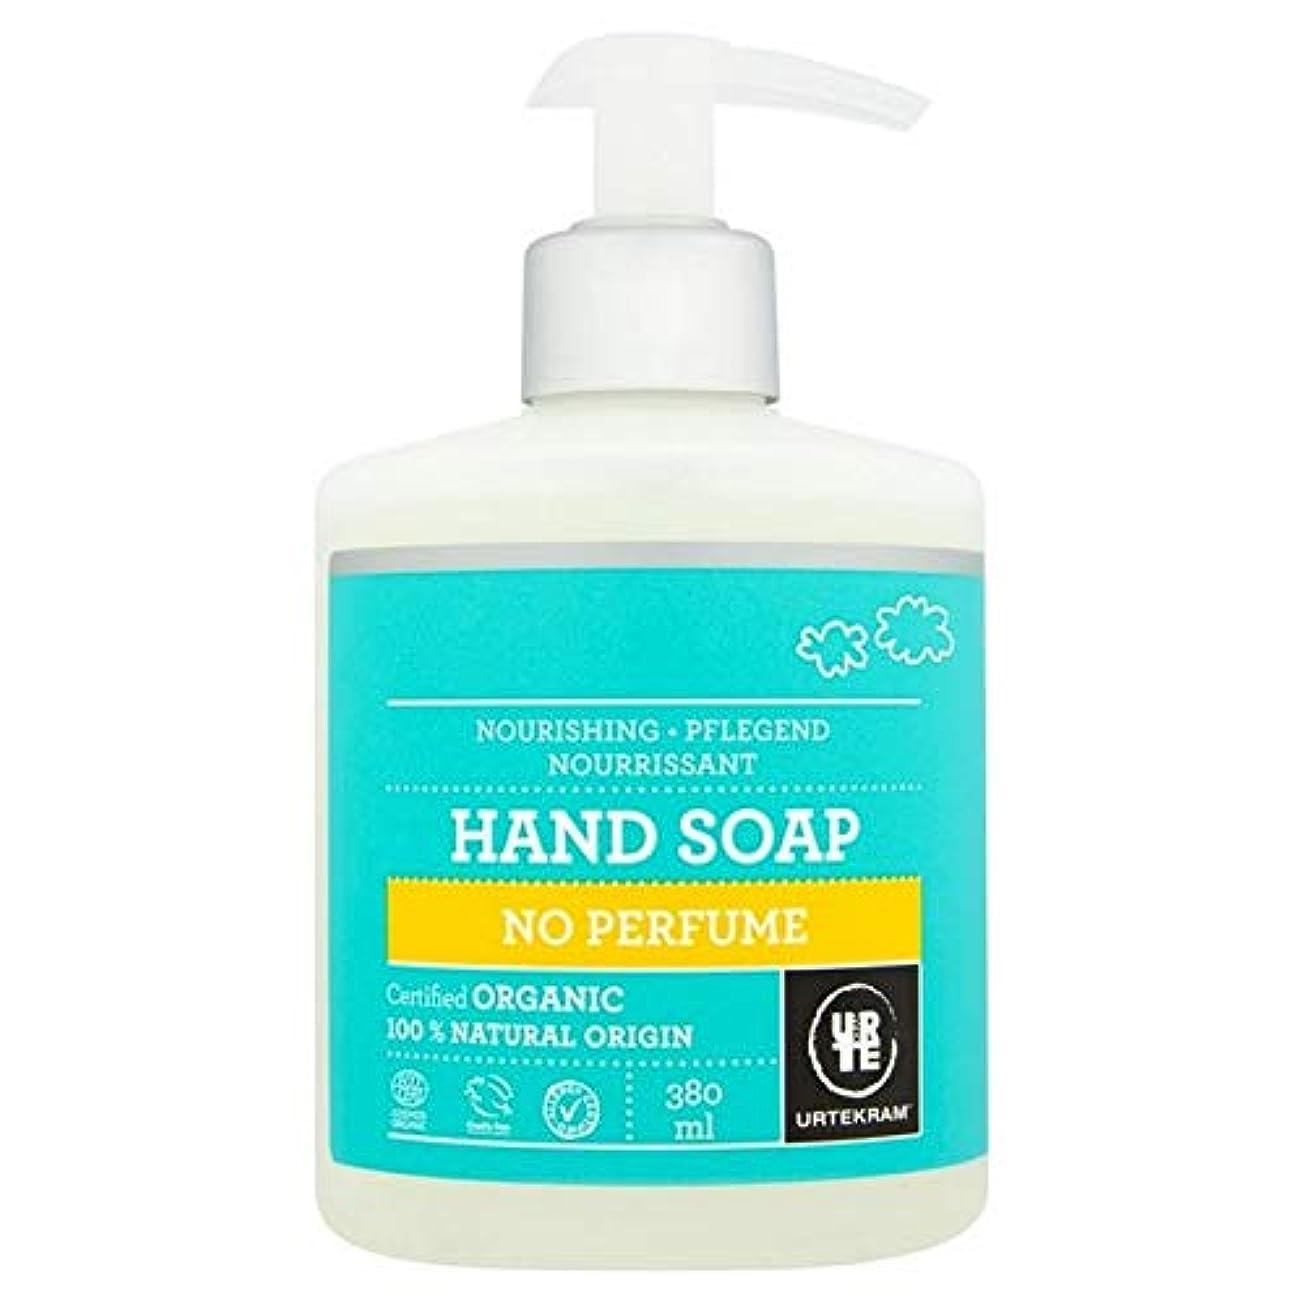 礼拝独立して保存する[Urtekram] 何の香水、液体ハンドソープ380ミリリットルをUrtekramありません - Urtekram No Perfume Liquid Hand Soap 380ml [並行輸入品]